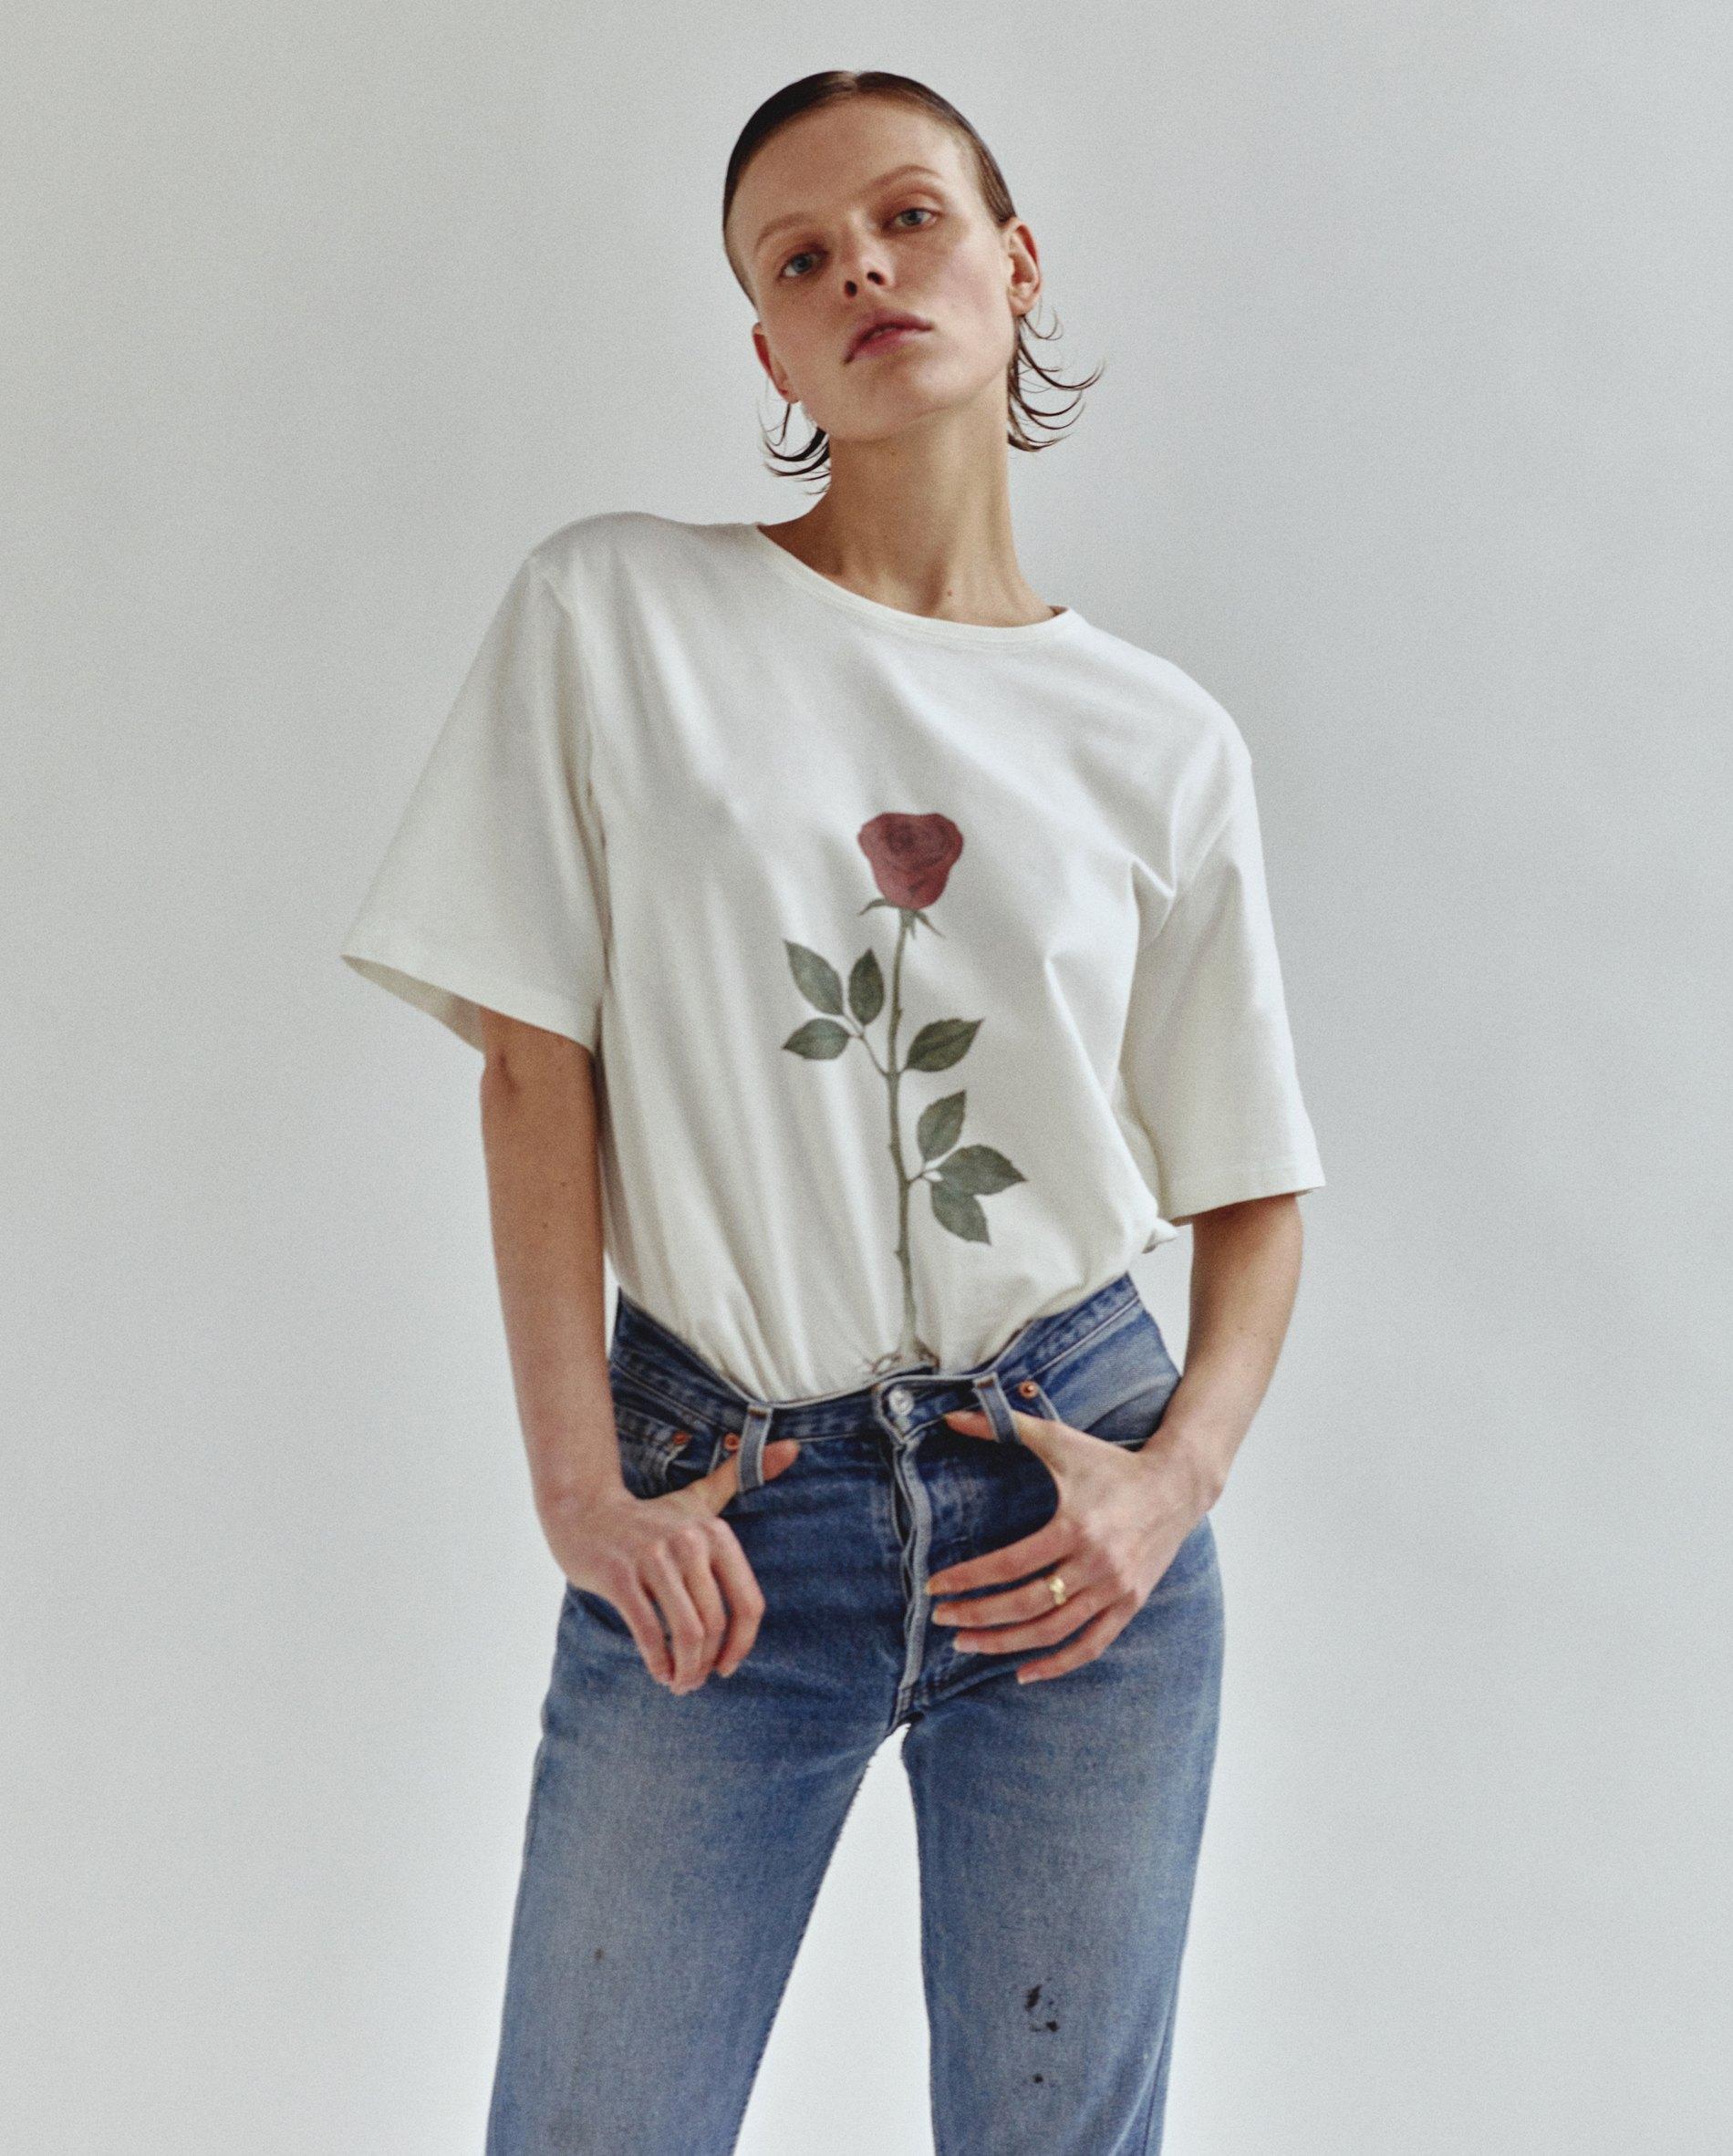 Унісекс футболки від колаборації Bobkova X Tolmachev. ПоділитисяТвiтнути. Український  бренд ... 59a84563dd595